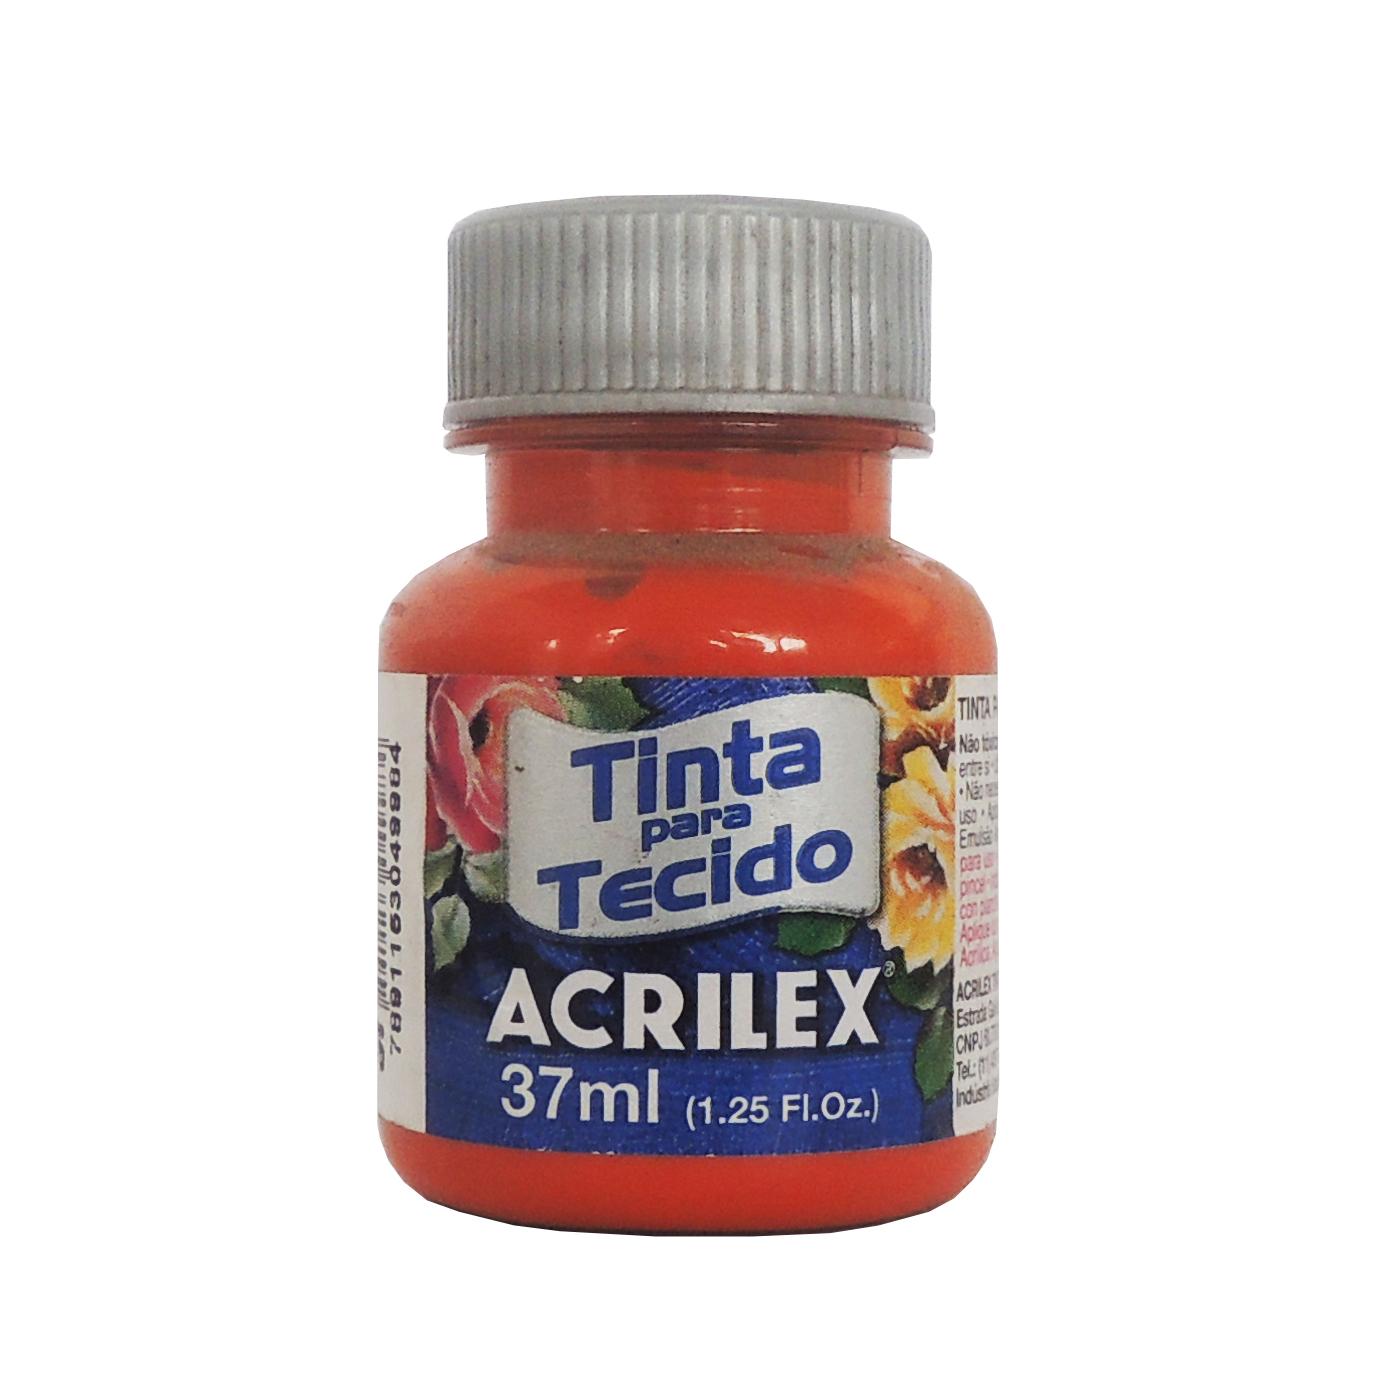 tinta-para-tecido-acrilex-37ml-576-cenoura